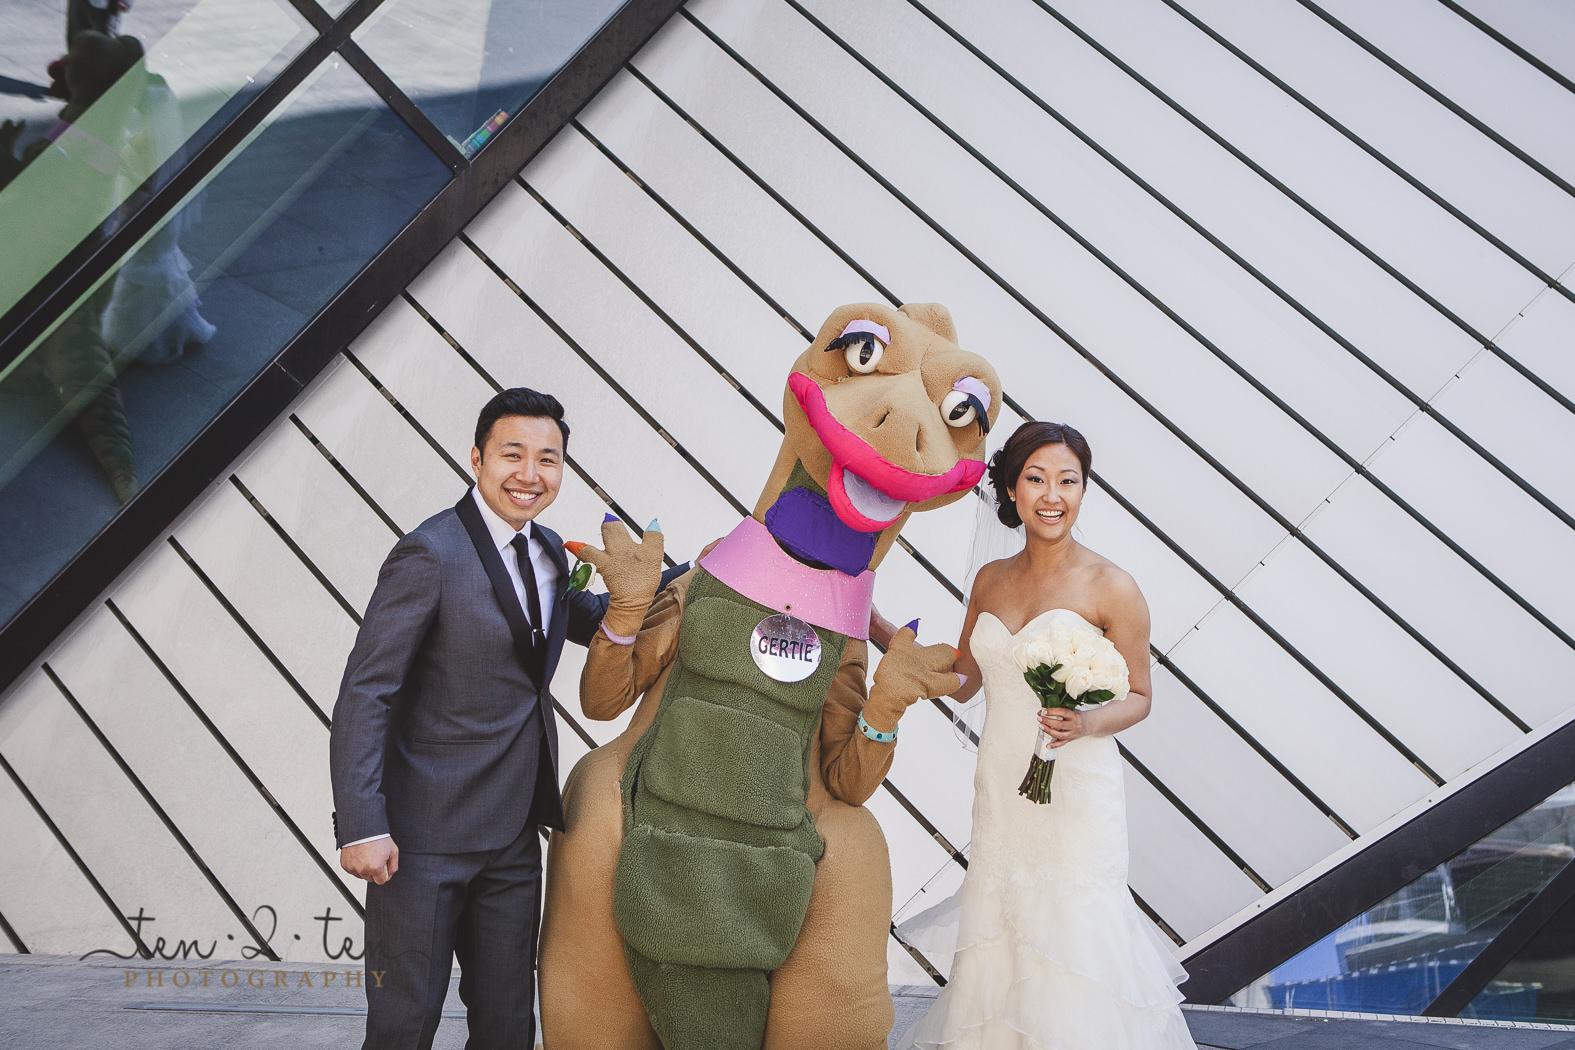 hotel ocho wedding, hotel ocho wedding photos, hotel ocho wedding photography, downtown toronto wedding photos, ROM wedding photos